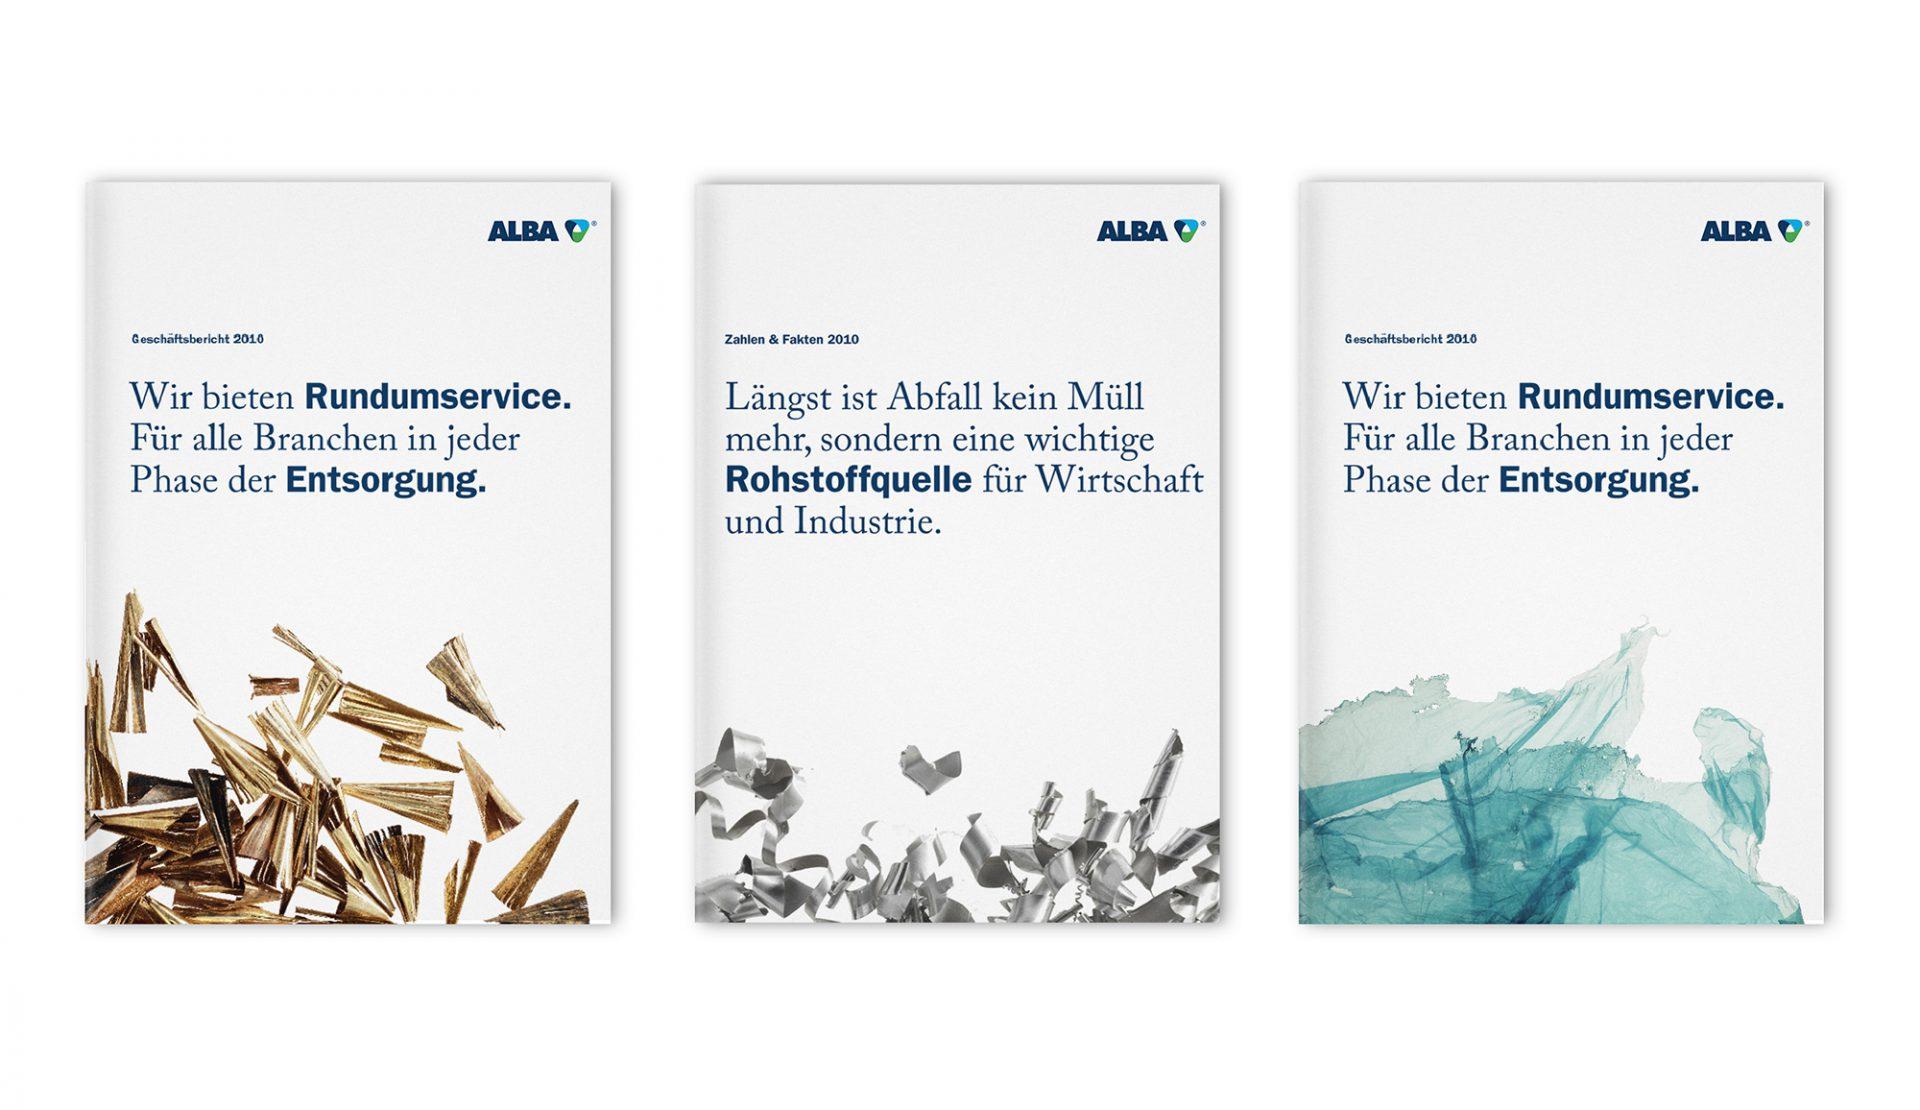 Alba Group Geschäftsberichte. Corporate Design von Realgestalt